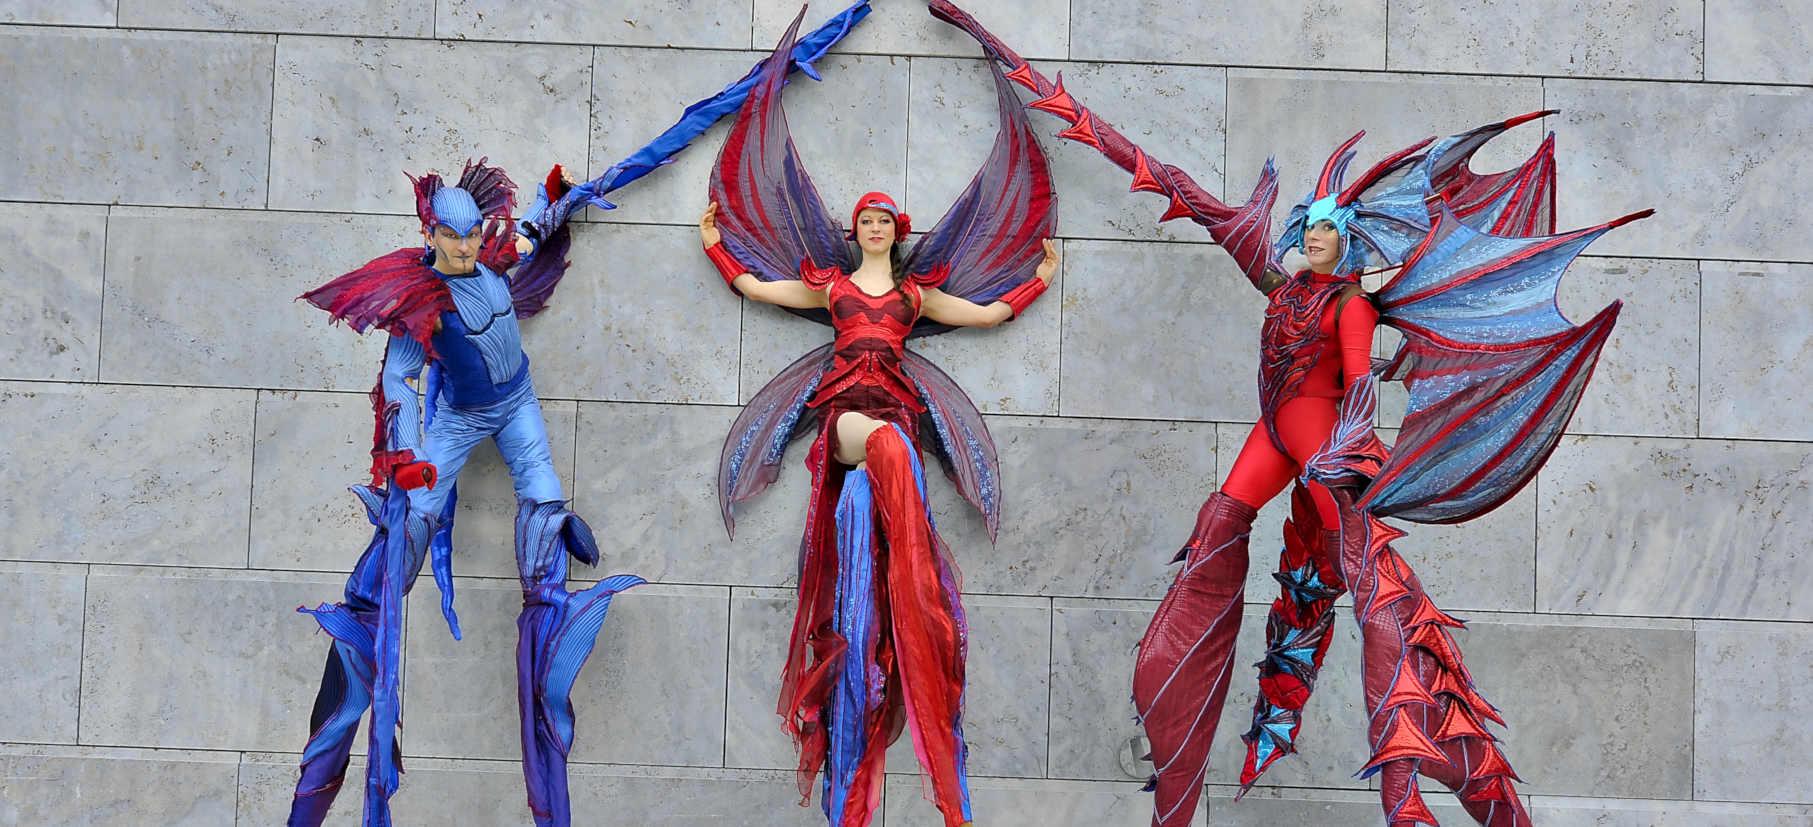 Drei Stelzenkünstler als Drachen verkleidet